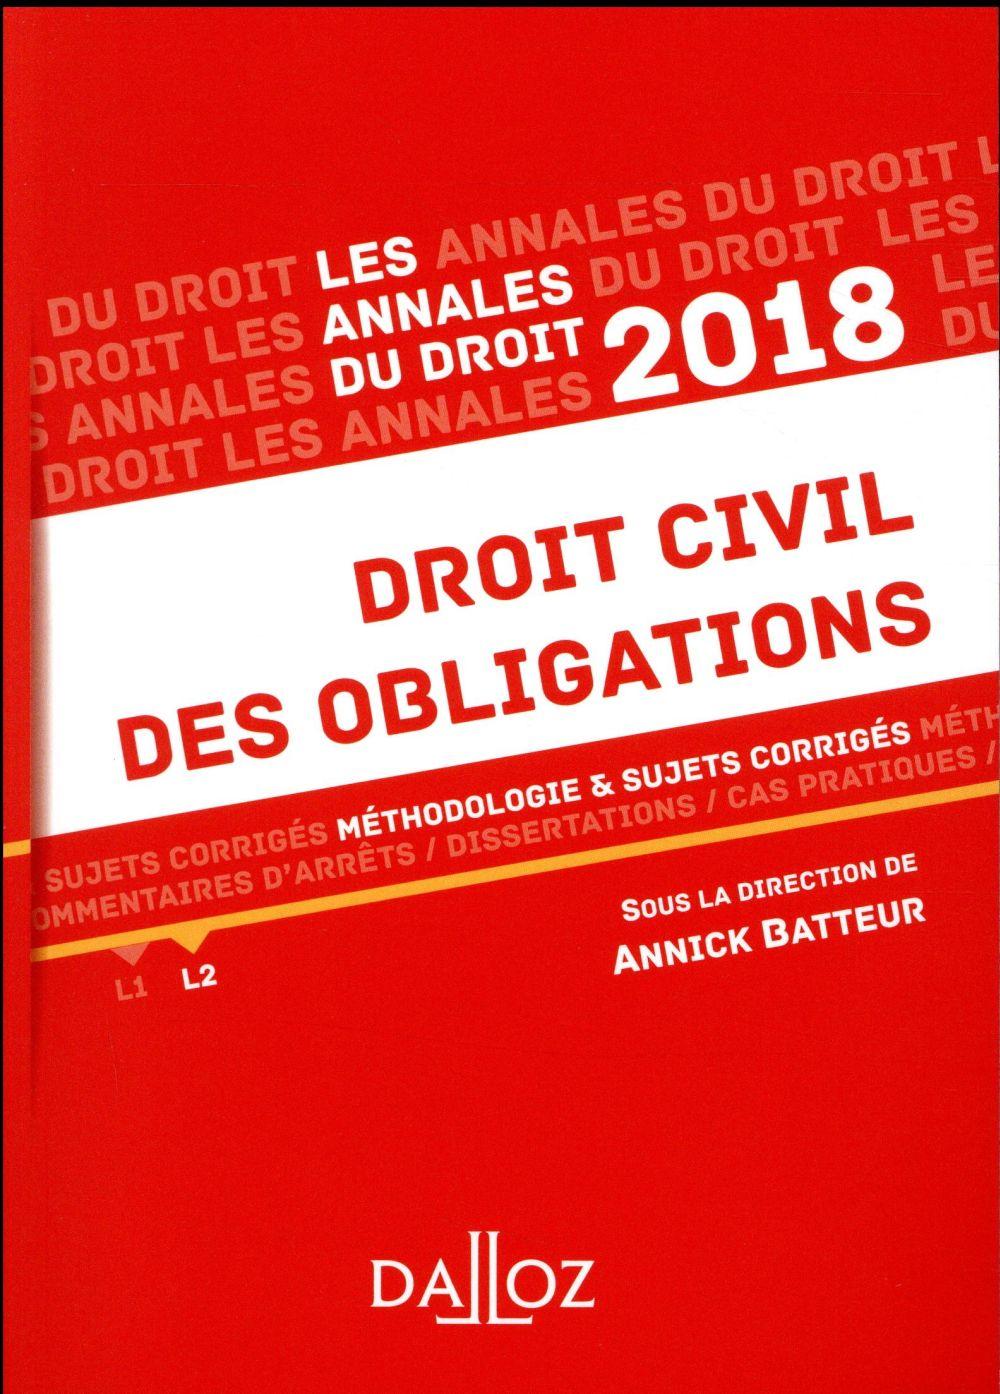 DROIT CIVIL DES OBLIGATIONS 2018. METHODOLOGIE & SUJETS CORRIGES